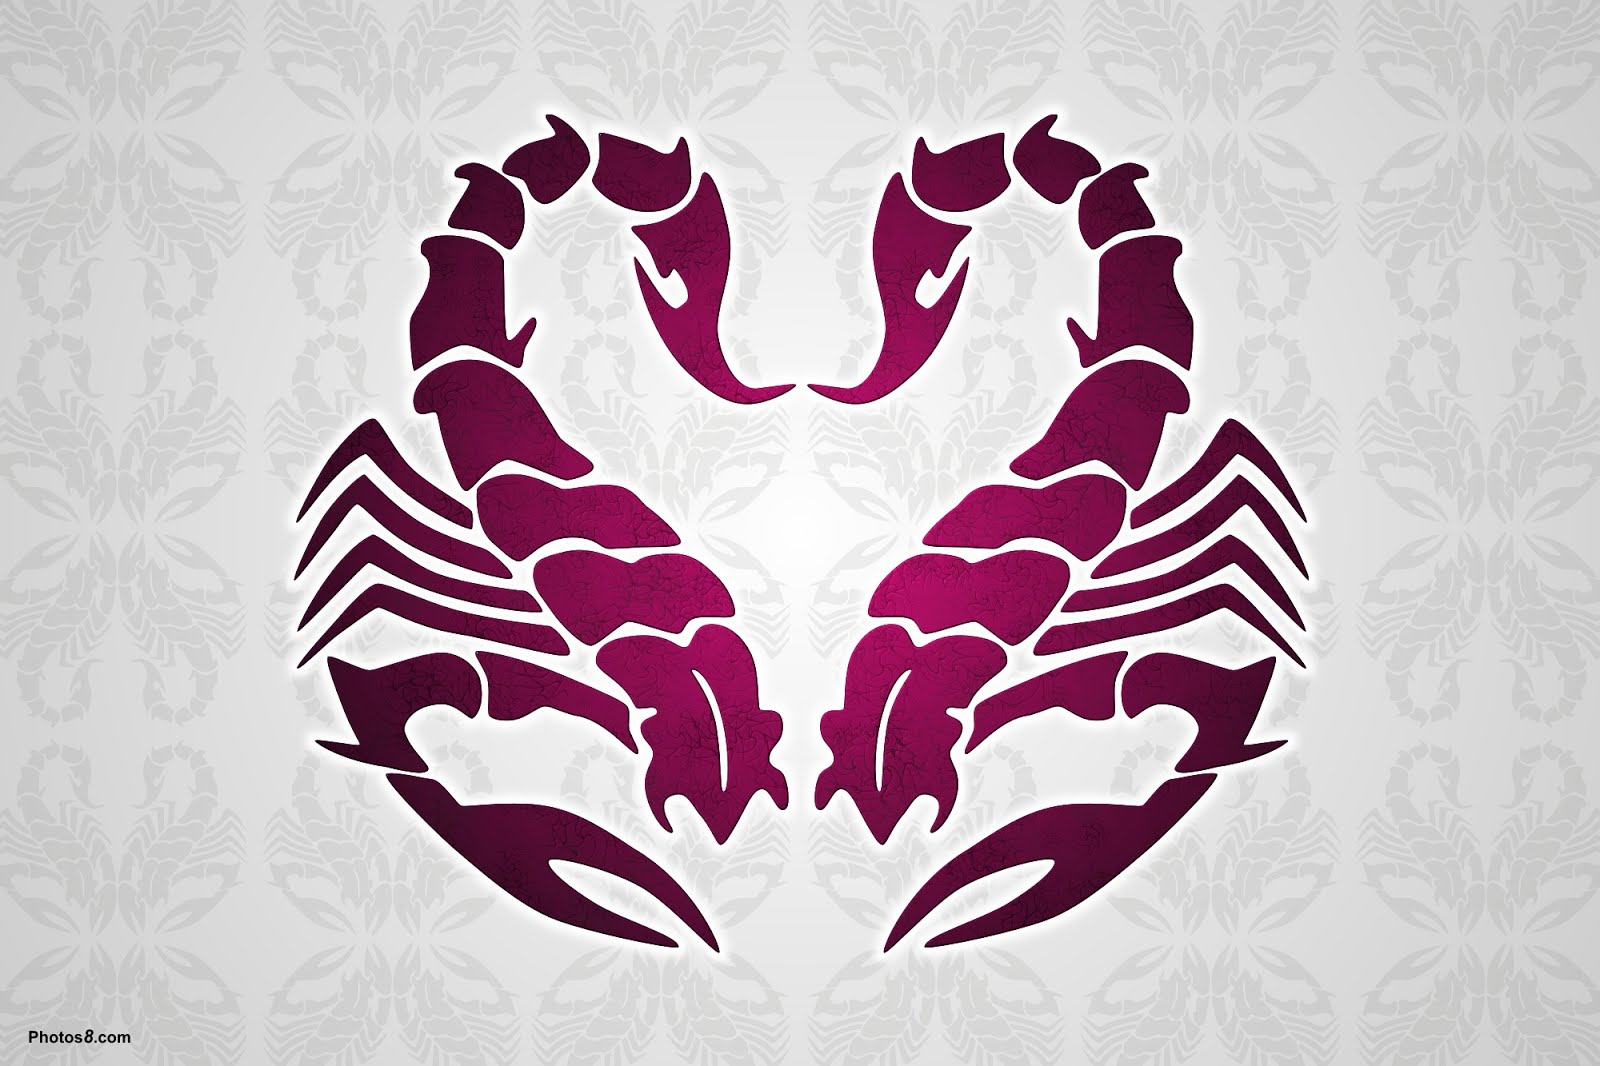 123 Fakta Zodiak Scorpio berkenaan Watak Sifat Karakter Asmara